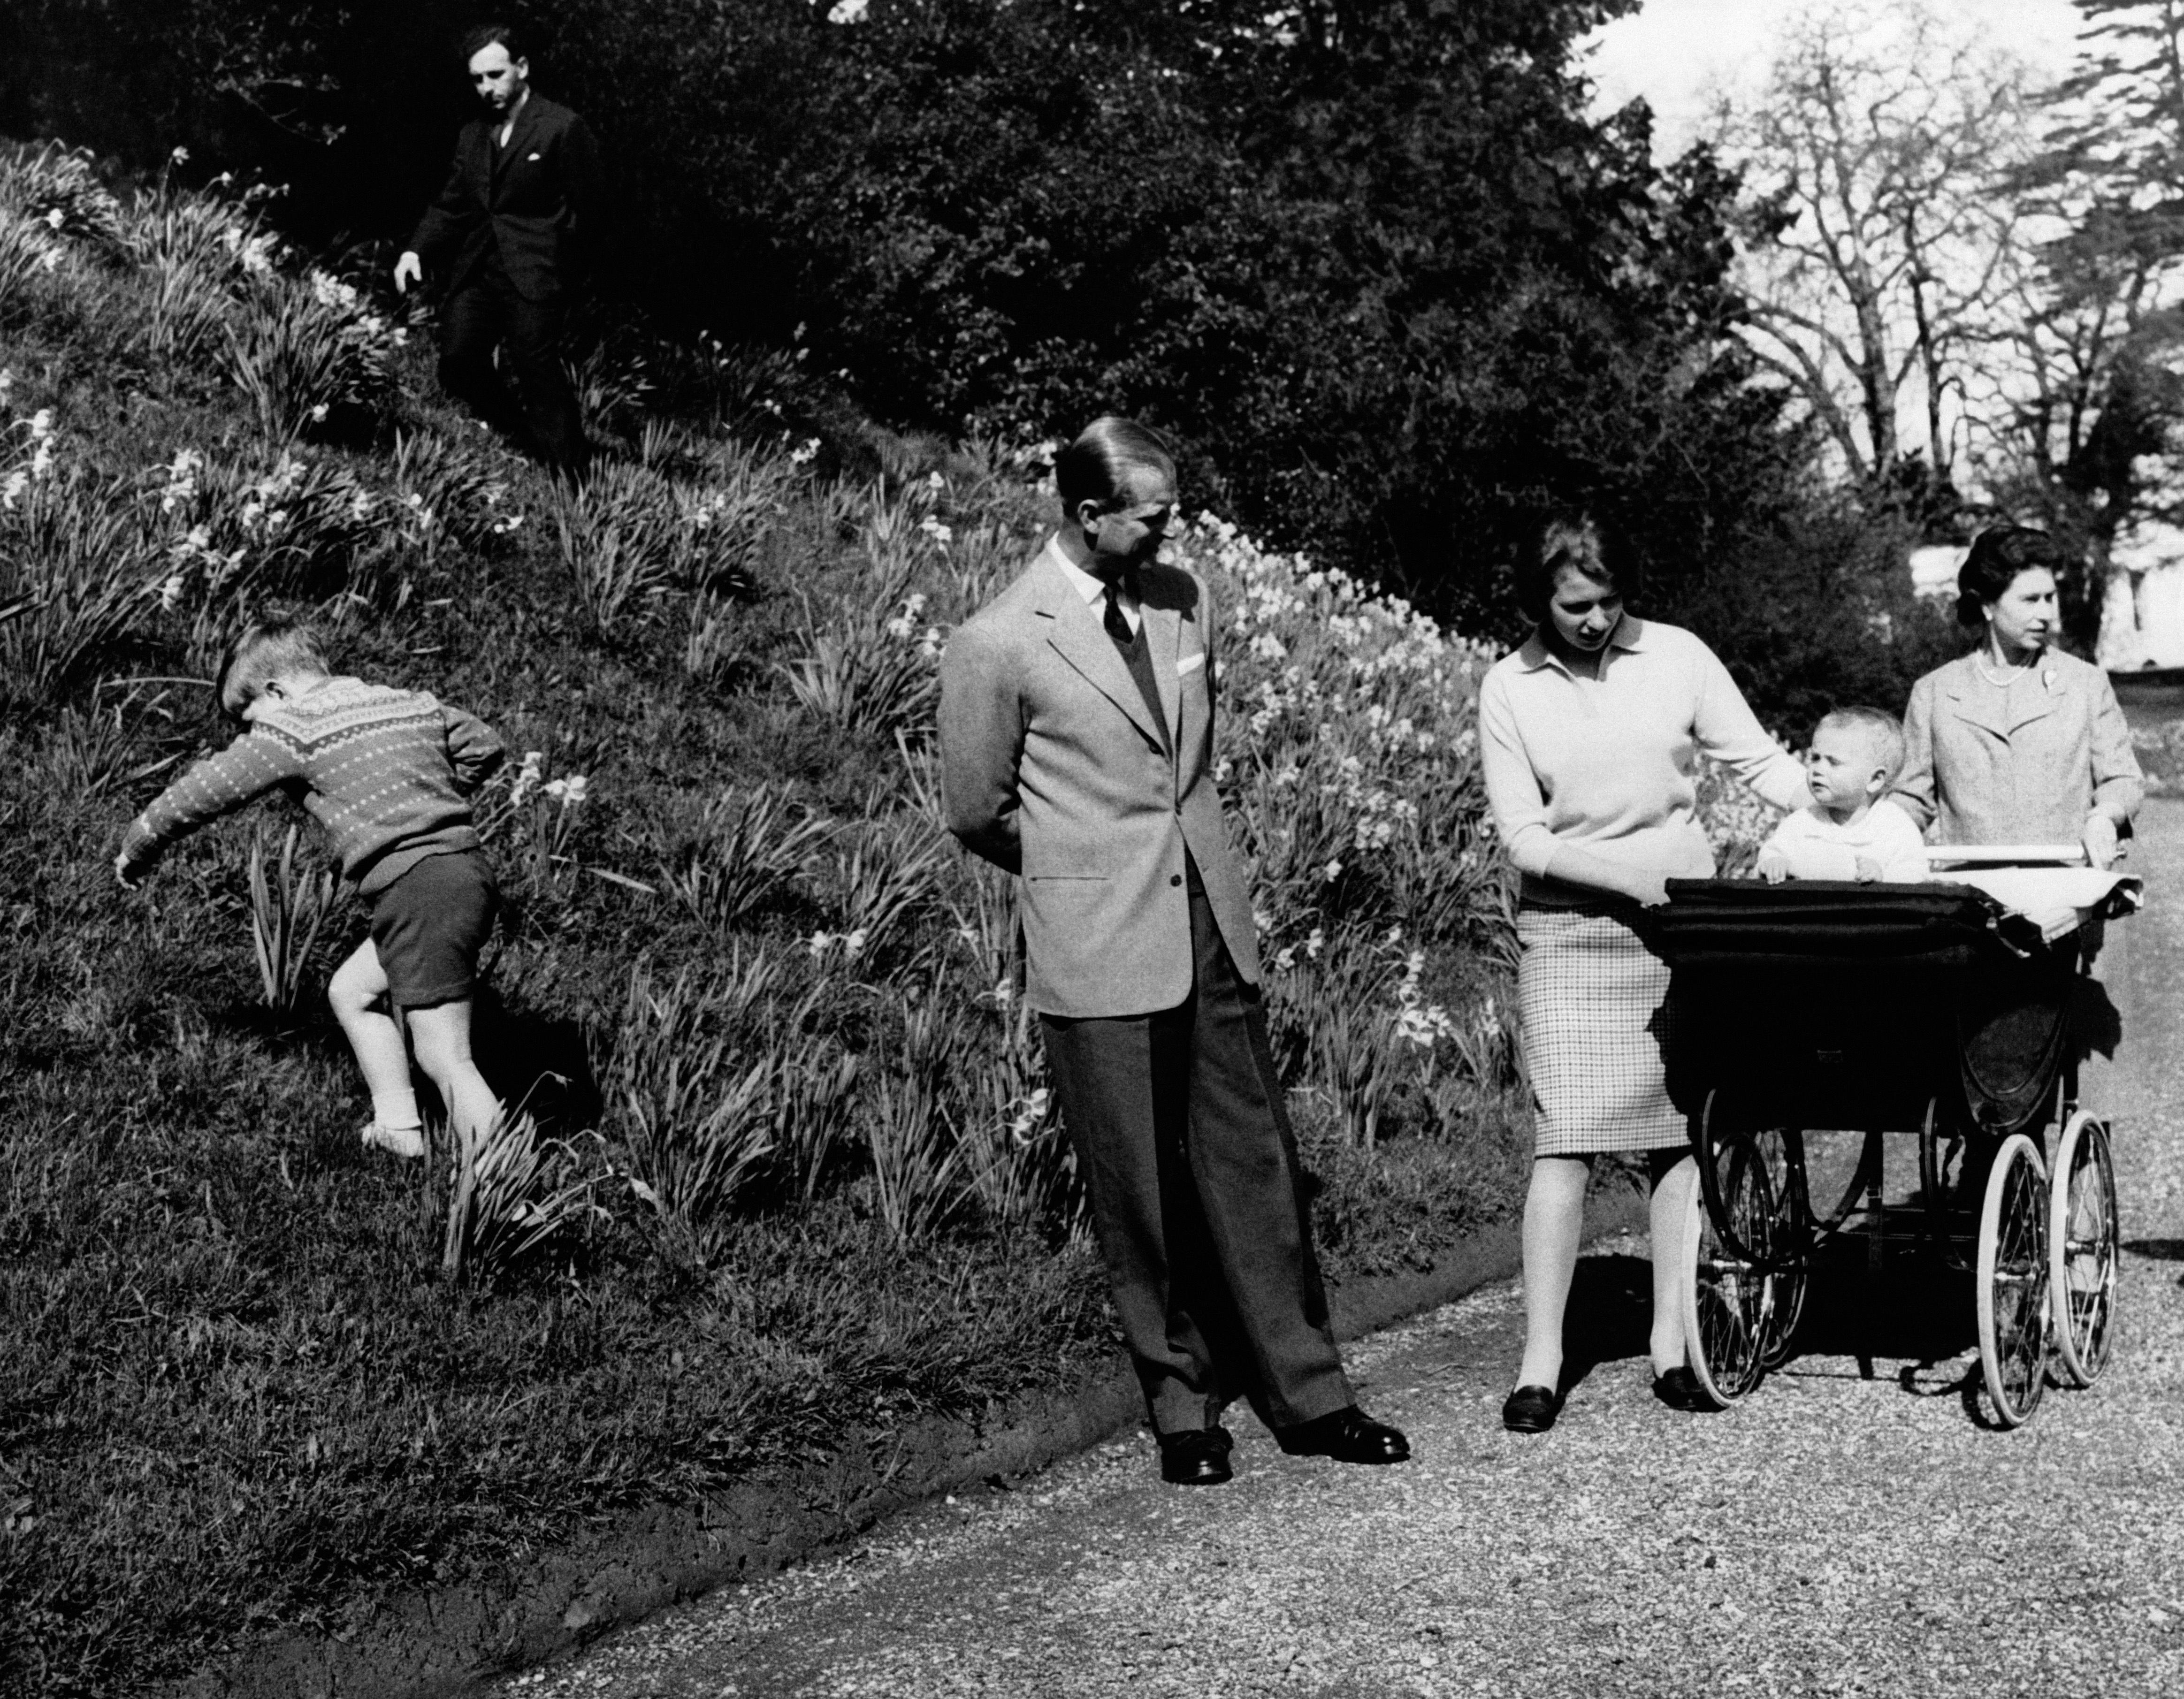 WINDSOR, ROYAUME-UNI - 21 AVRIL: La Reine et la Princesse Anne poussant le landau ou se trouve le petit Prince Edward sous le regard du Duc d Edimbourg, pendant que le Prince Andrew age de 4 ans escalade le monticule dans le jardin de Frogmore House, le 21 avril 1965 a Windsor, Royaume-Uni.  (Photo by Keystone-France\Gamma-Rapho via Getty Images)